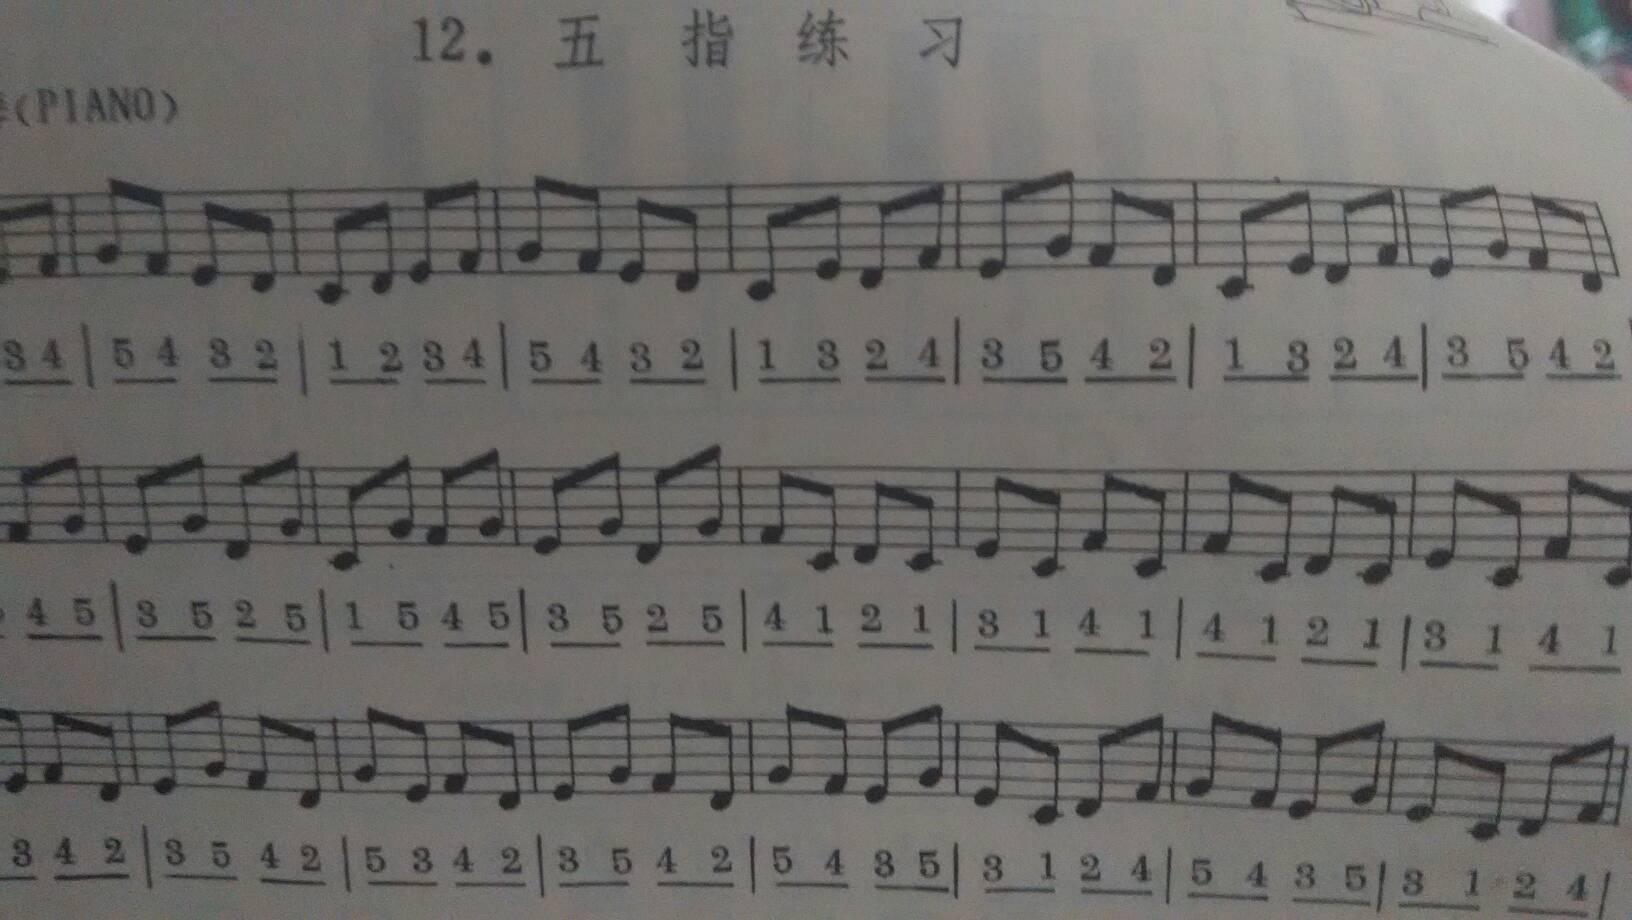 《平凡之路》钢琴简谱,谢谢.不是五线谱 是简谱,还是钢琴的哦图片